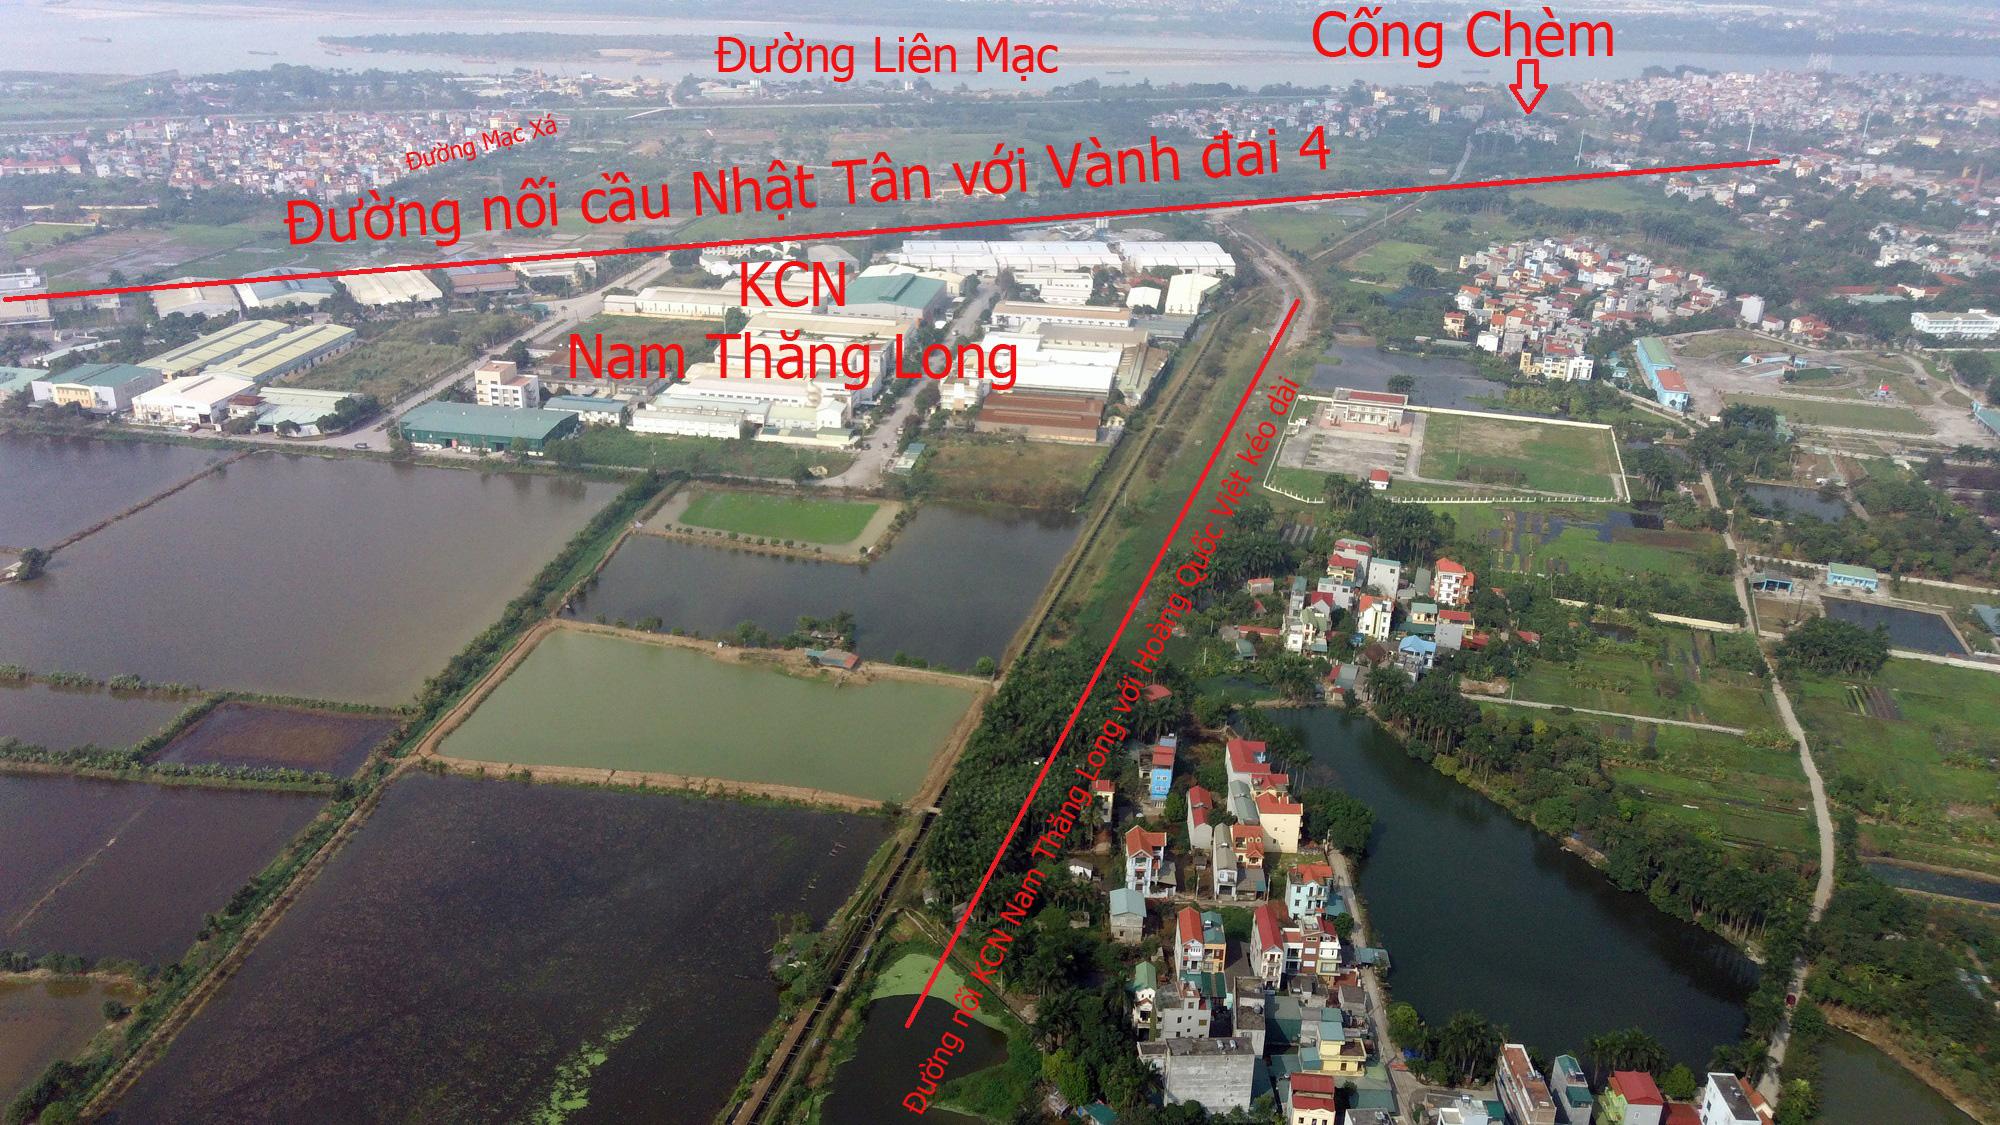 Đường sẽ mở theo qui hoạch: Toàn cảnh đường nối cầu Nhật Tân với Vành đai 4 - Ảnh 13.